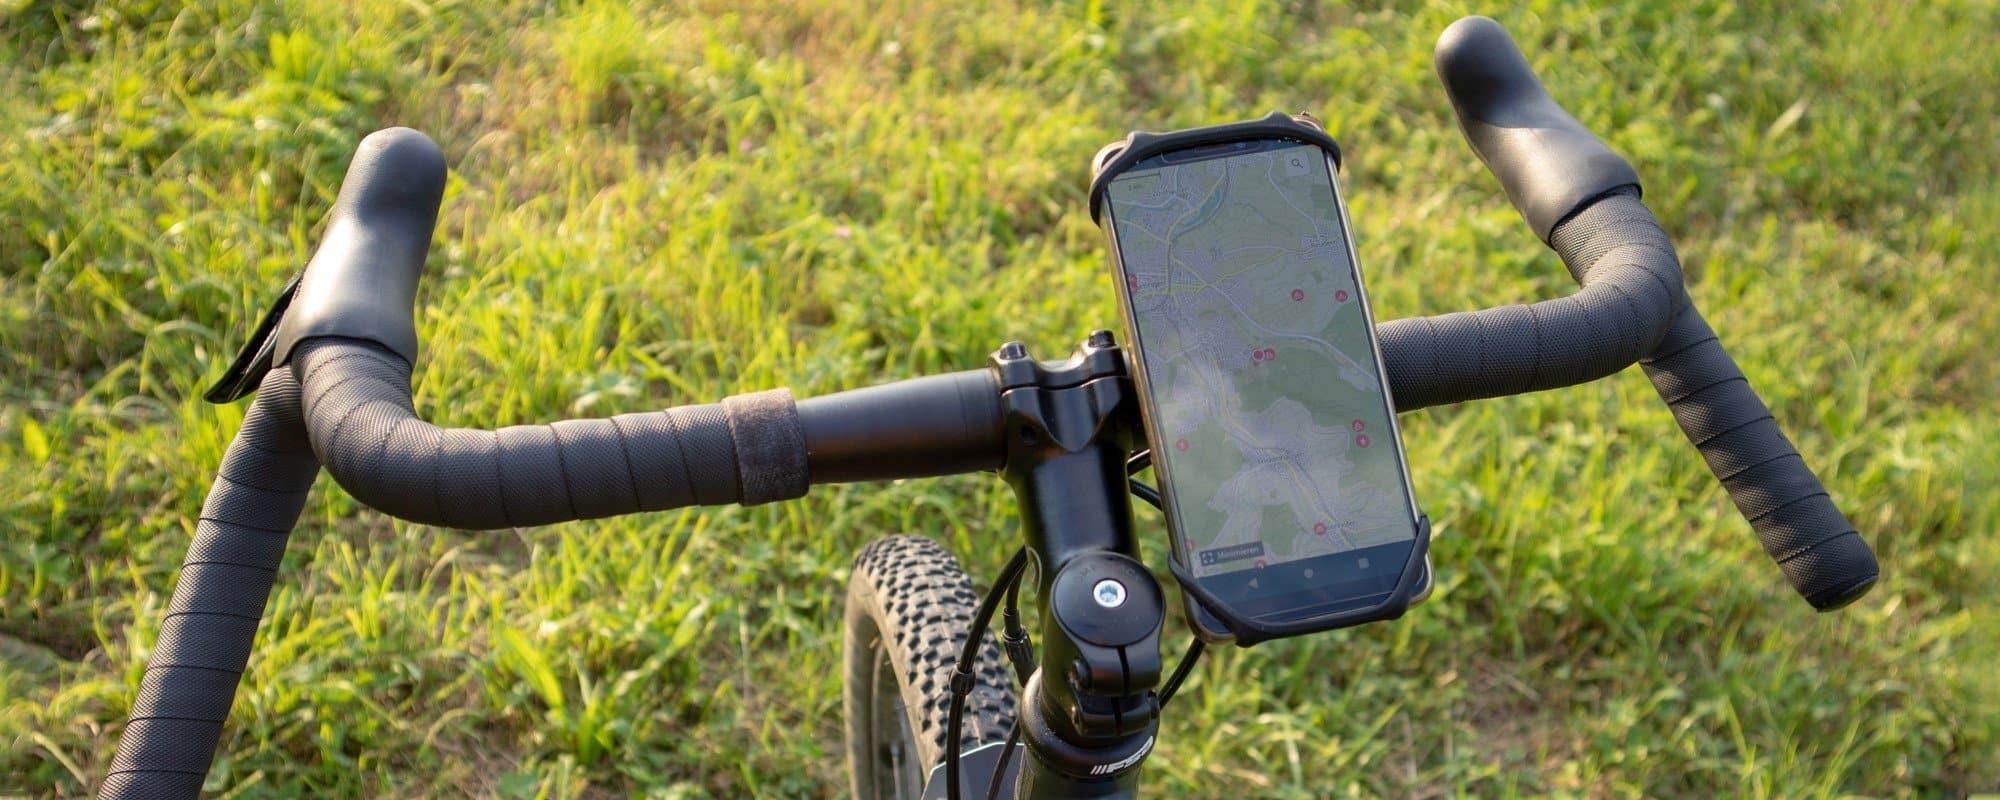 Universal Fahrrad Handyhalterung im Test - geeignet für fast alle Smartphones (4,5 Zoll bis 7,0 Zoll)